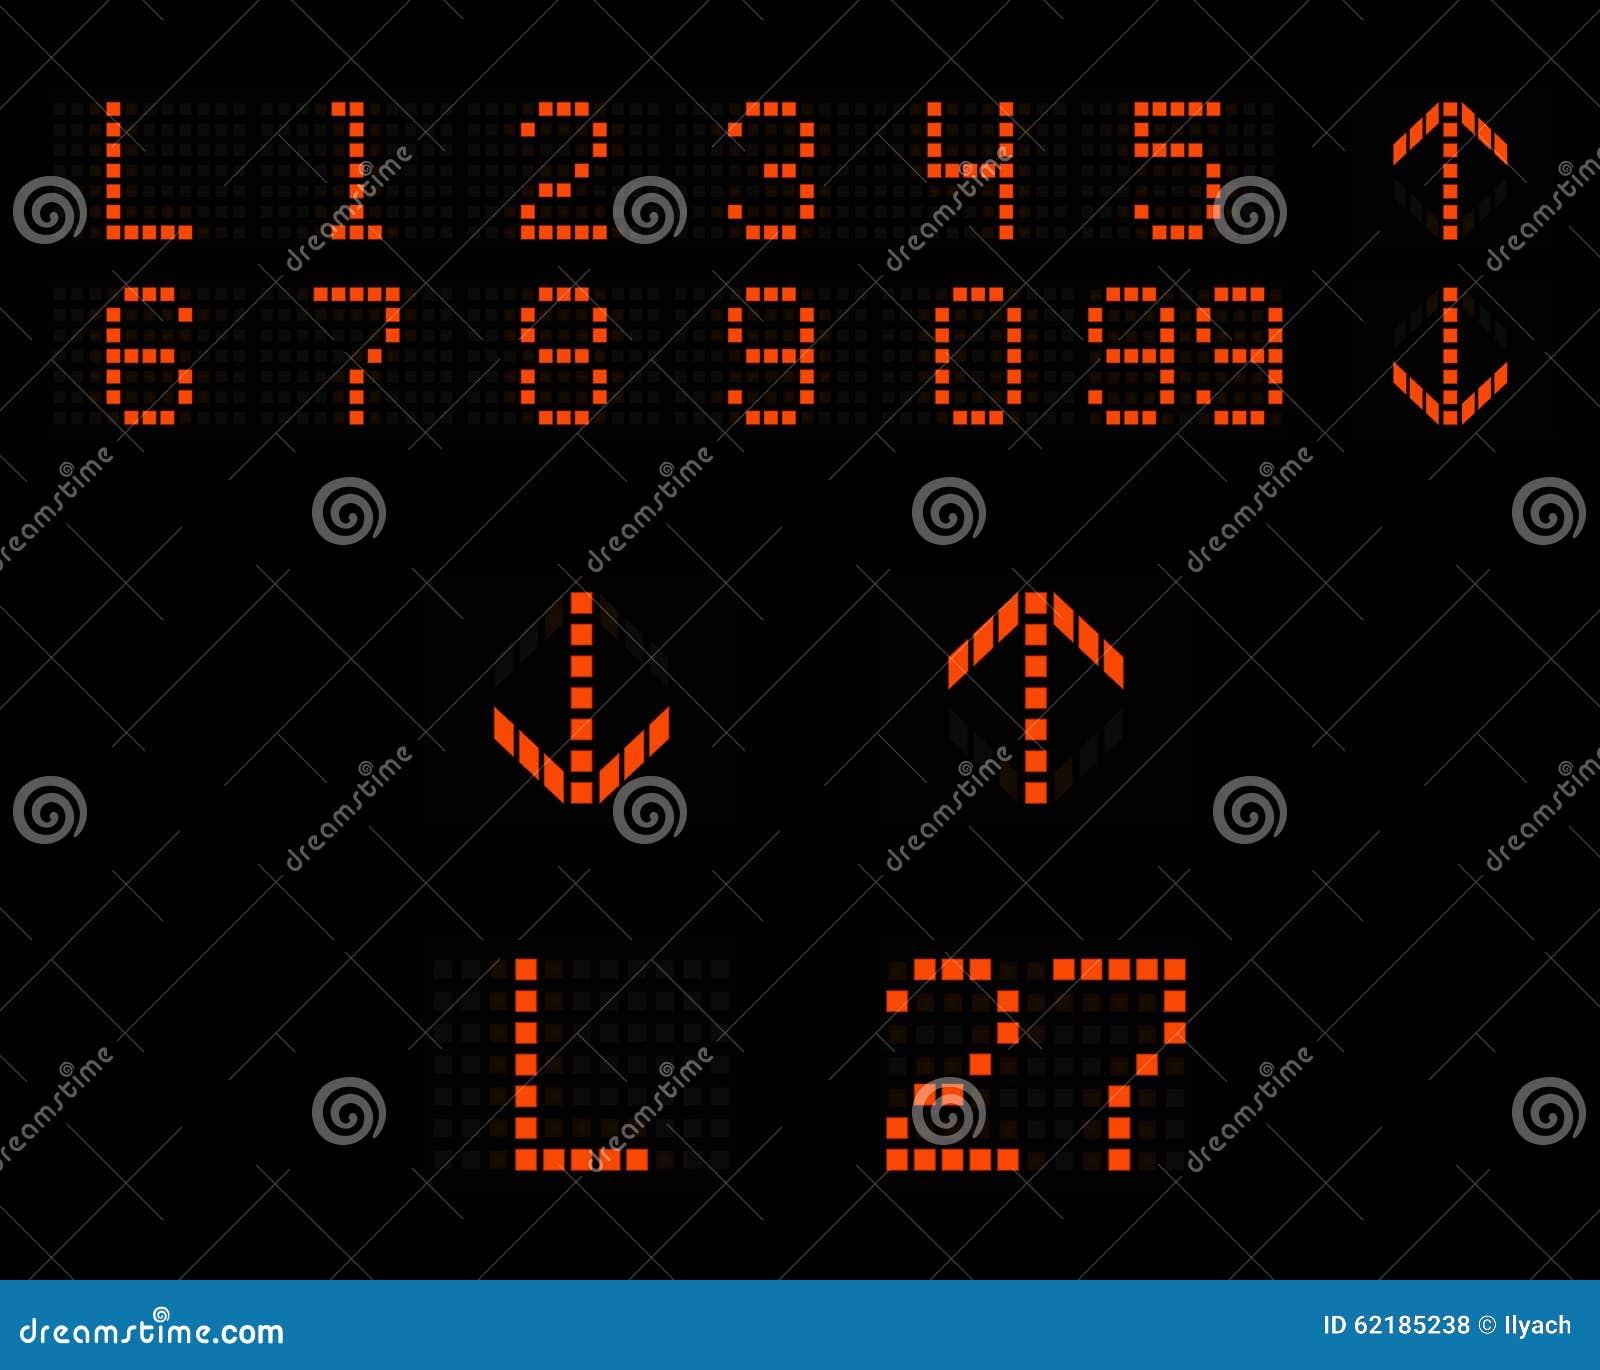 Elevator Numbers Stock Illustrations 43 Elevator Numbers